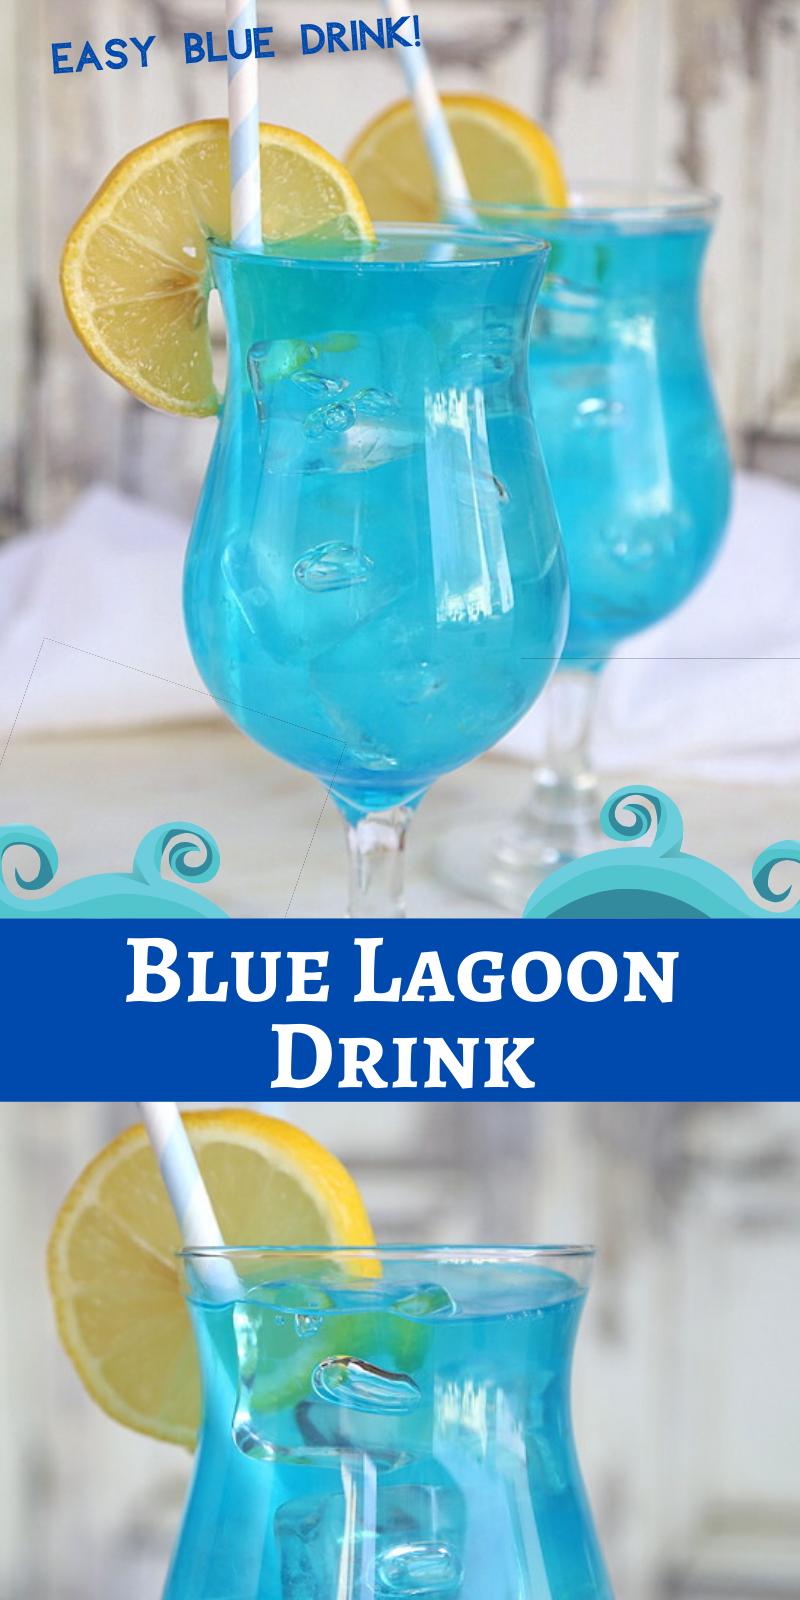 Blue Lagoon Drink Recipe In 2020 Blue Drinks Blue Lagoon Cocktail Blue Lagoon Drink Recipe